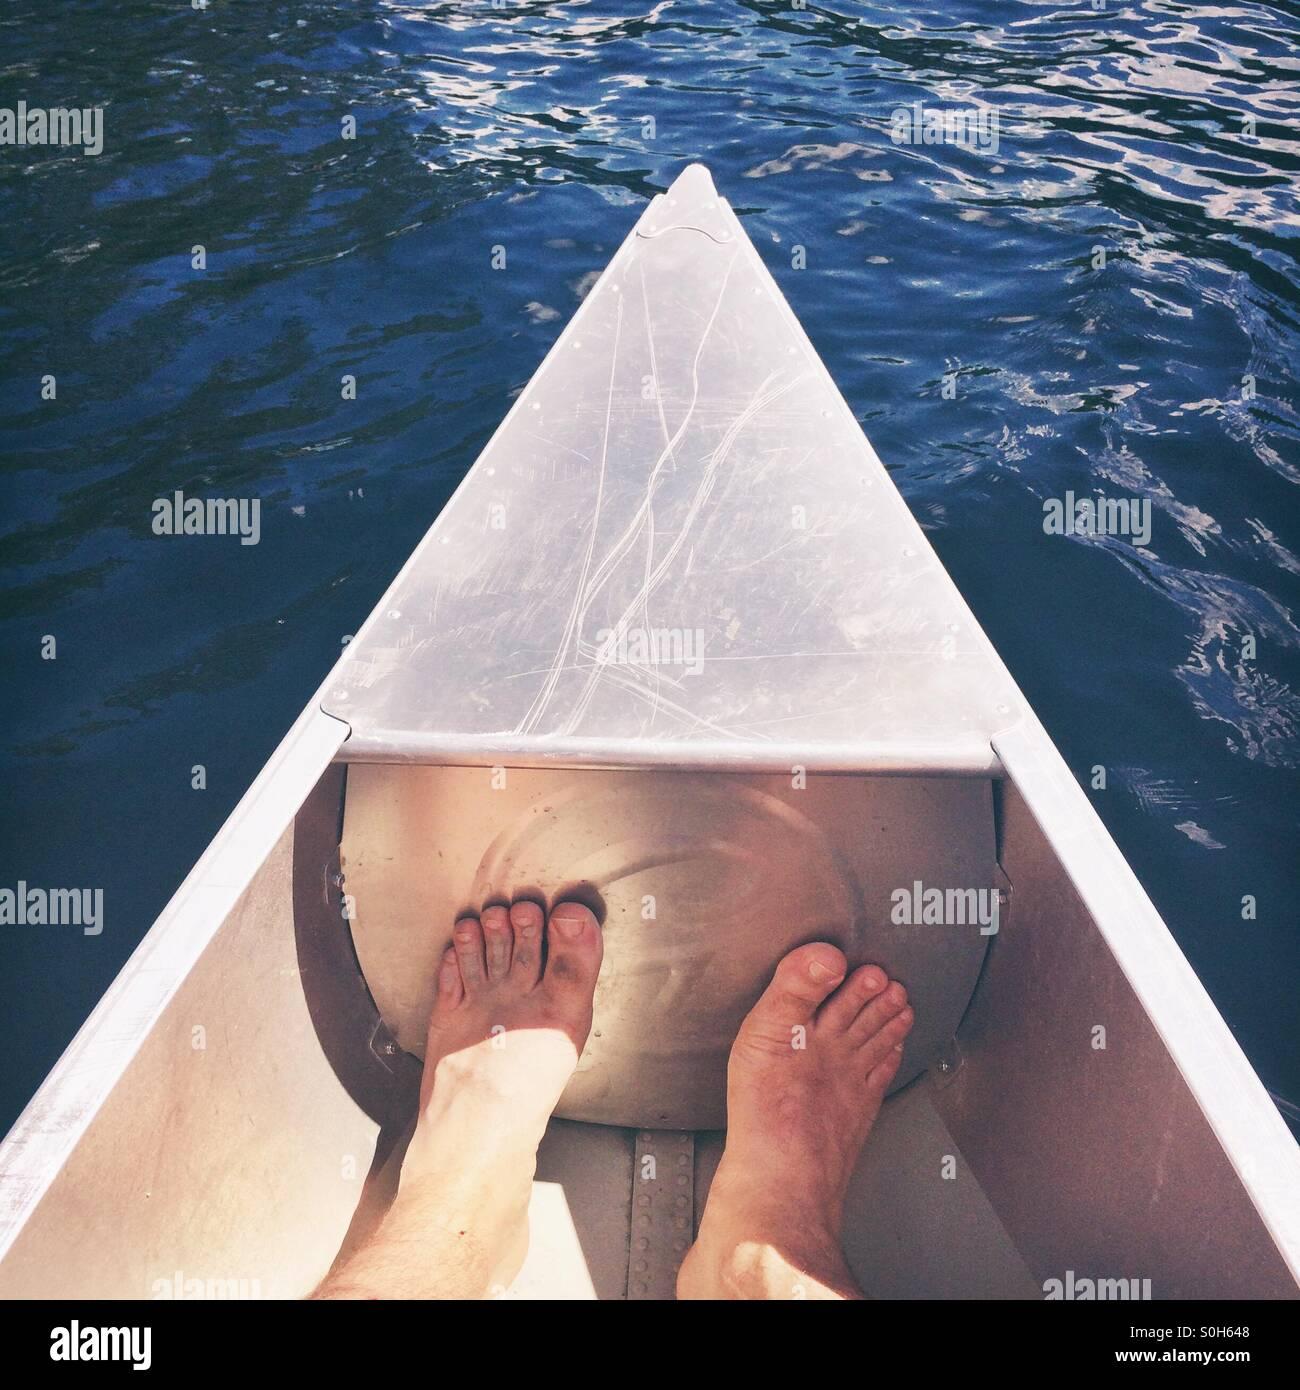 Deux pieds dans un canot Photo Stock